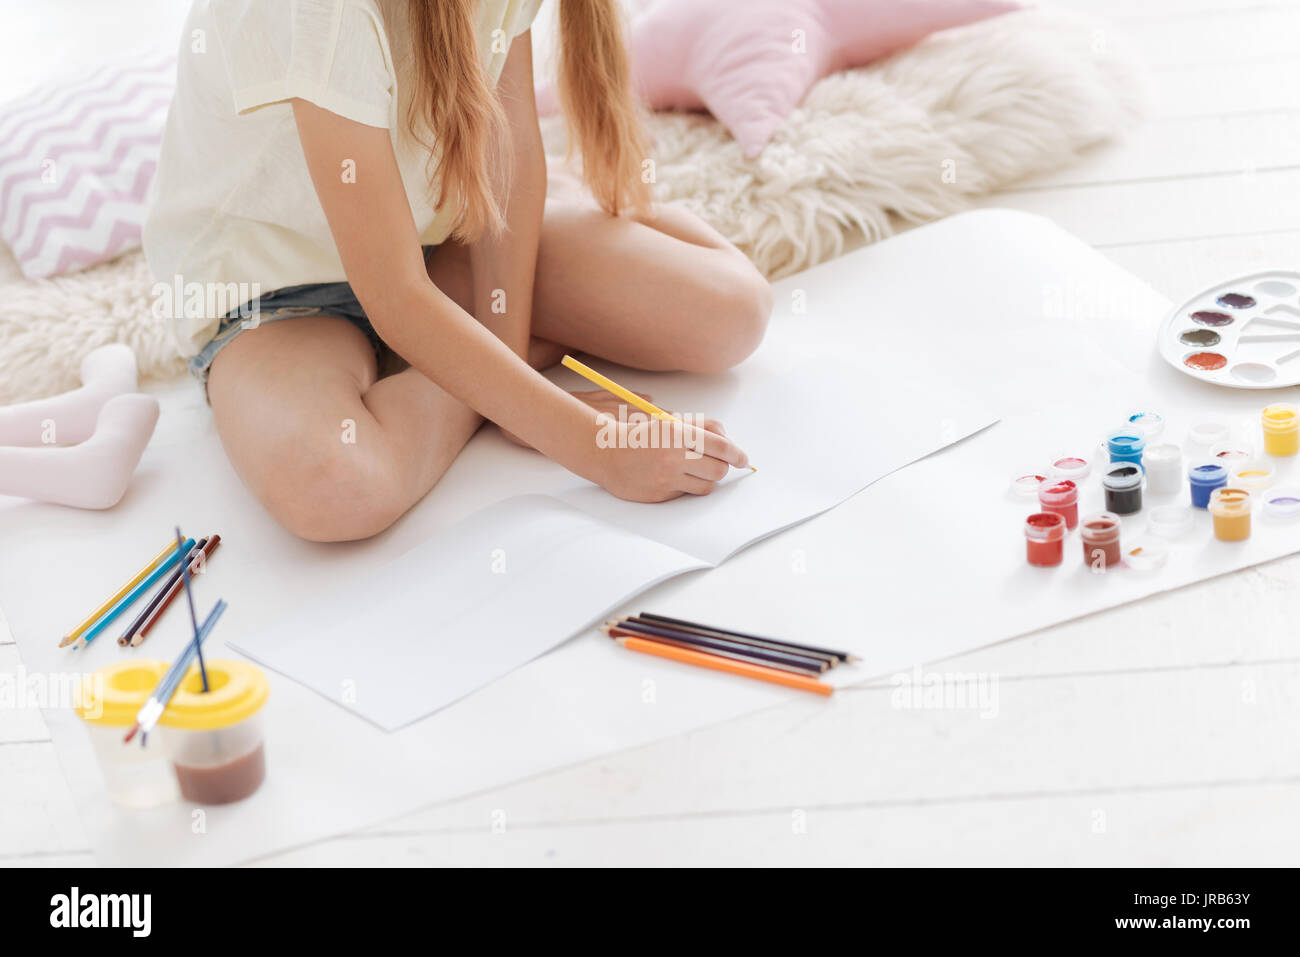 Close up girl Disegno con matite Immagini Stock